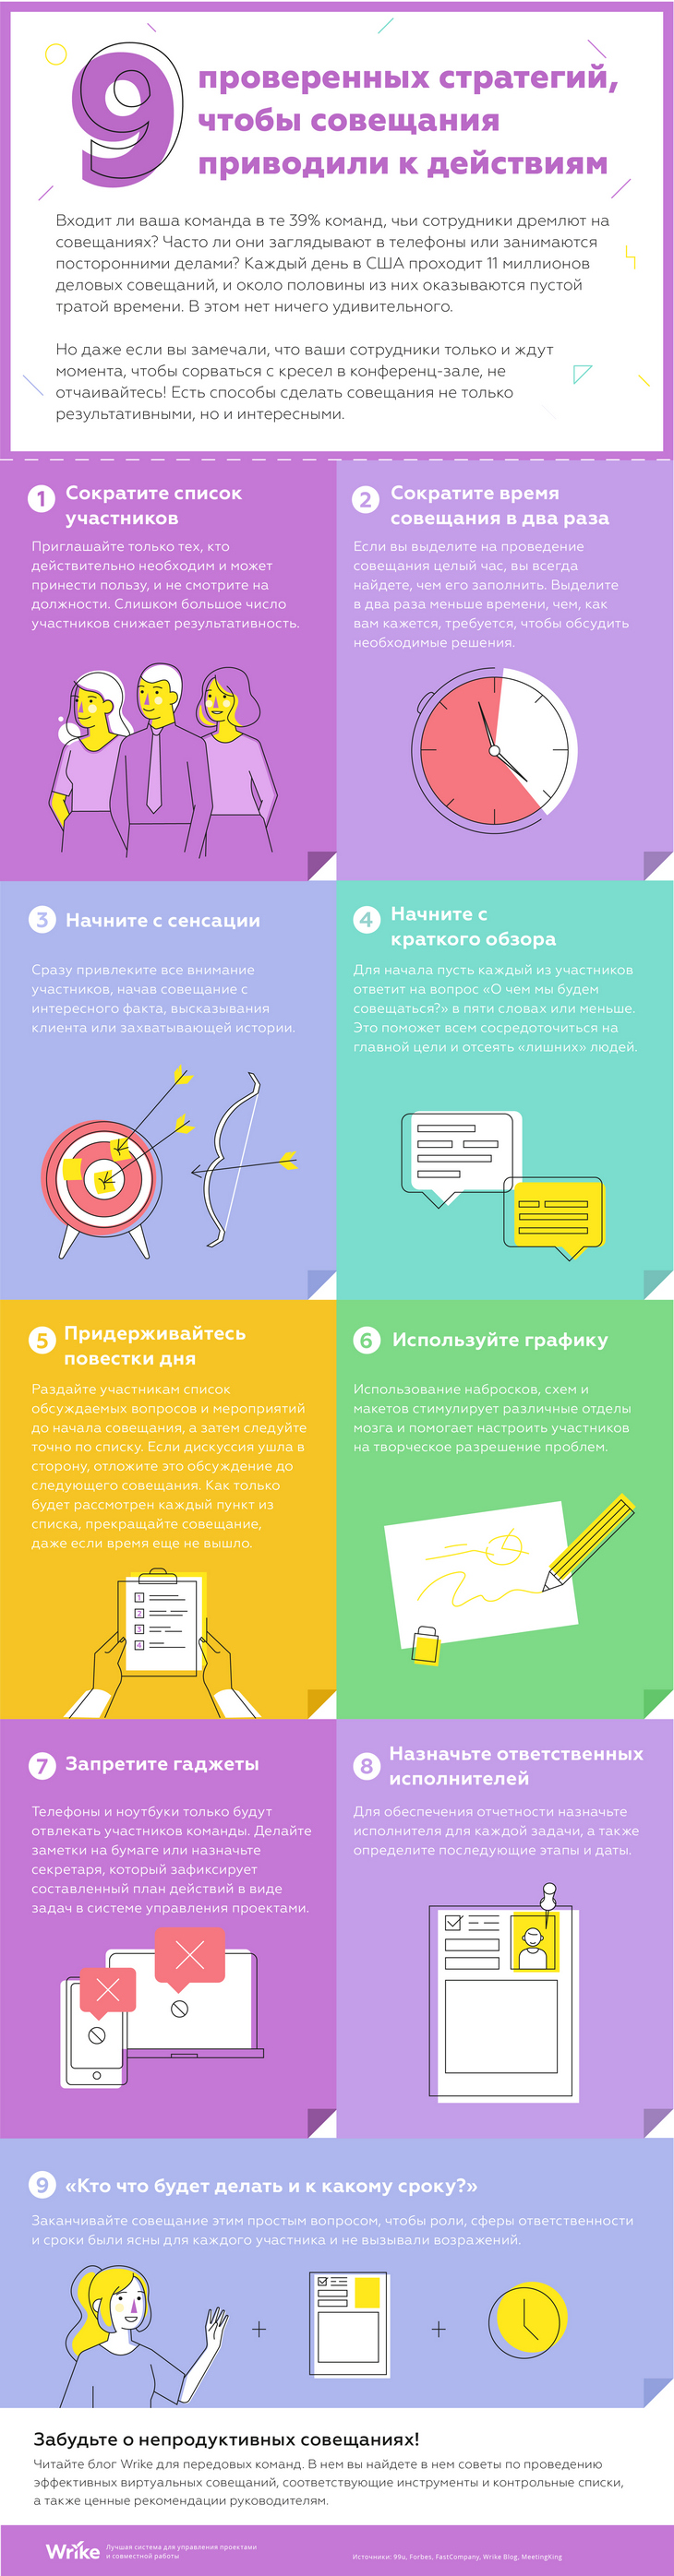 Девять проверенных стратегий для повышения продуктивности совещаний [ИНФОГРАФИКА]